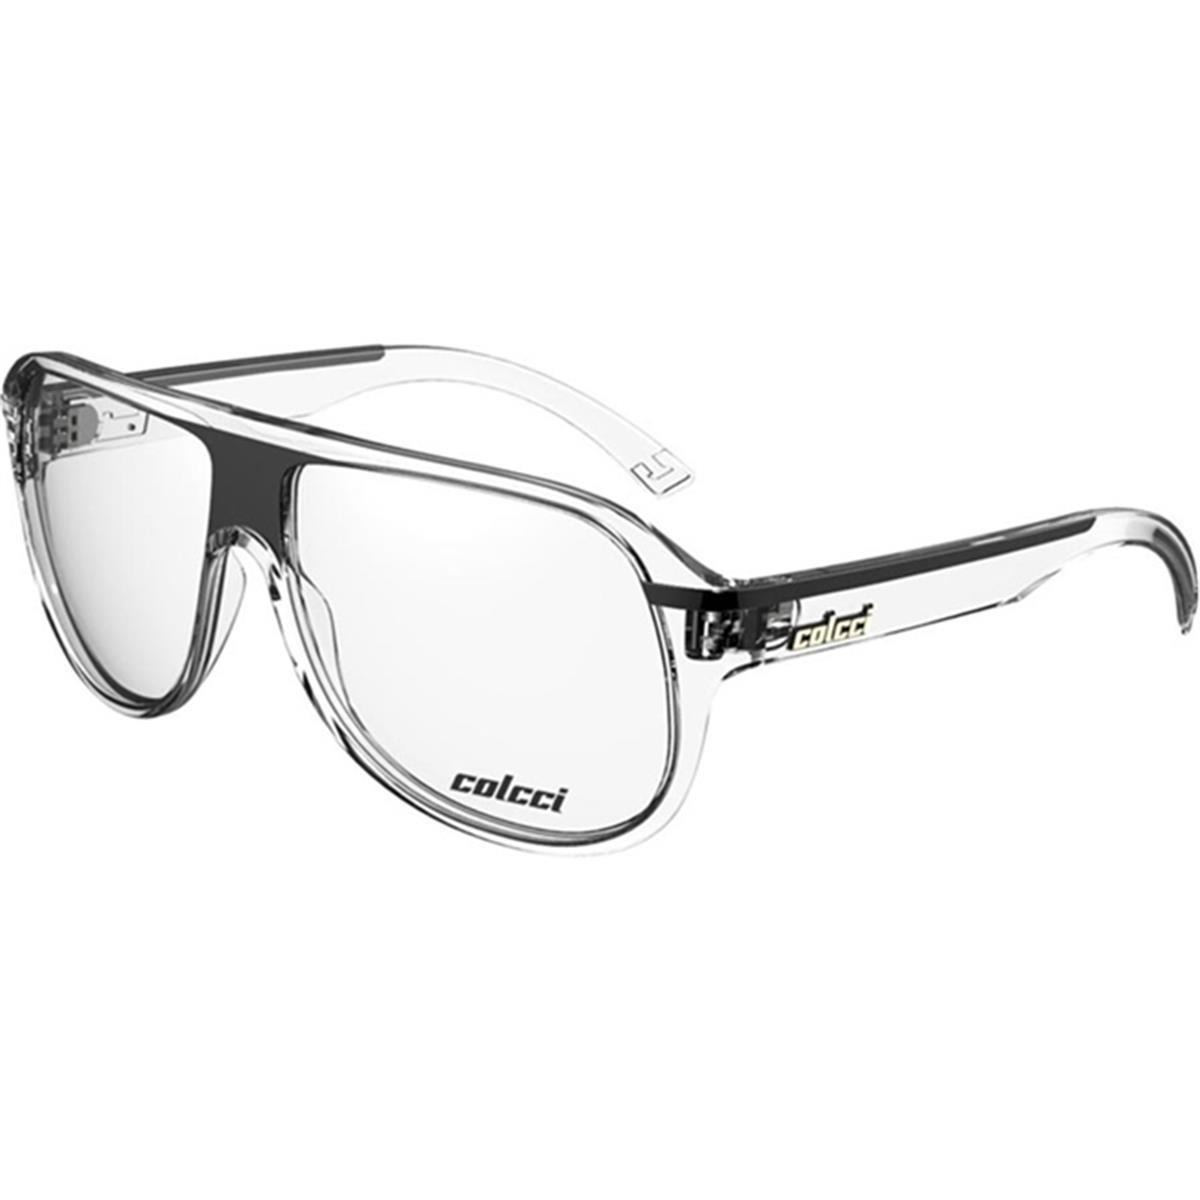 d1dd5f07adf65 Armação para Óculos de Grau Transparente Morion Colcci